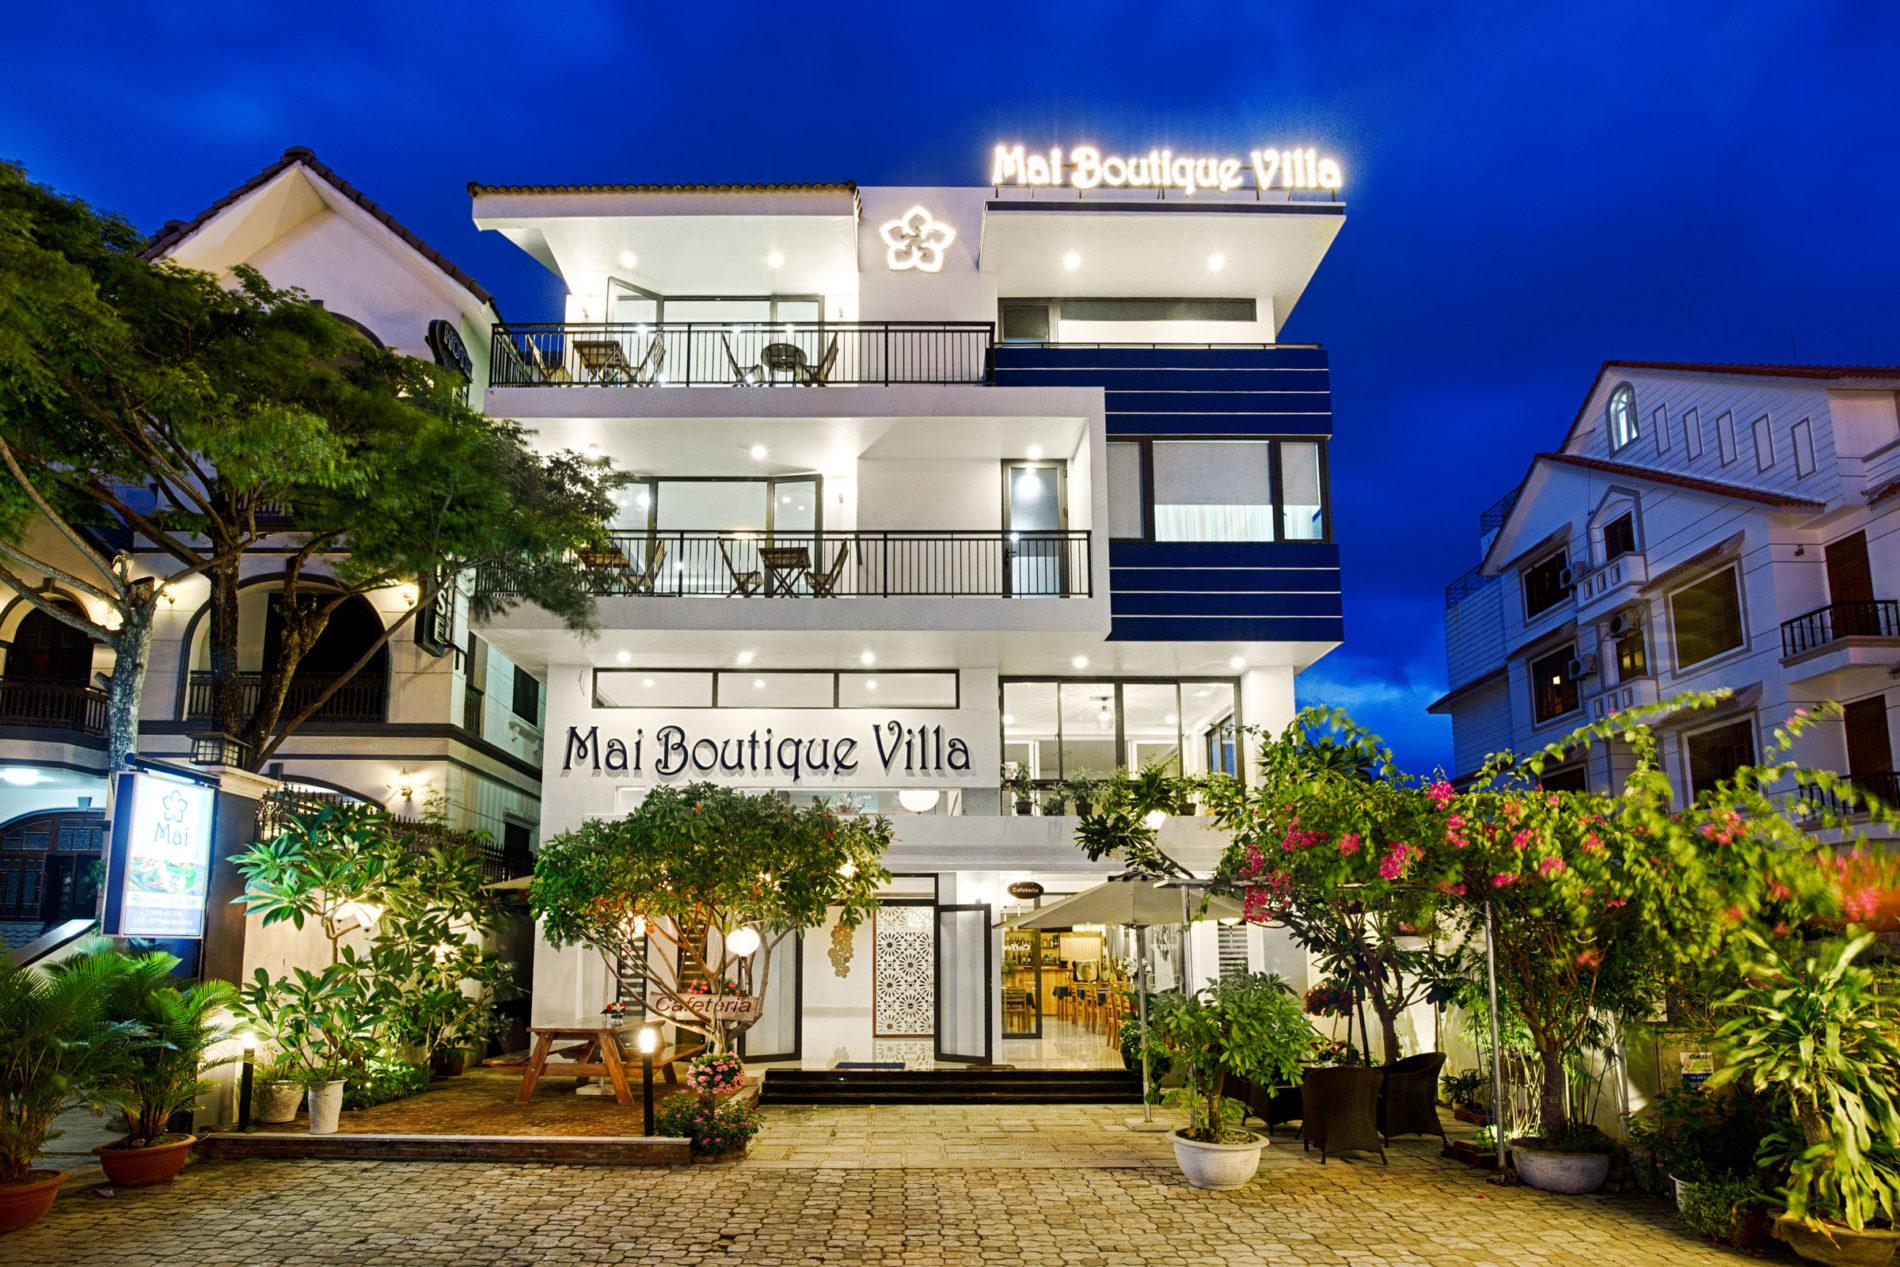 Mai Boutique Villa Hotel